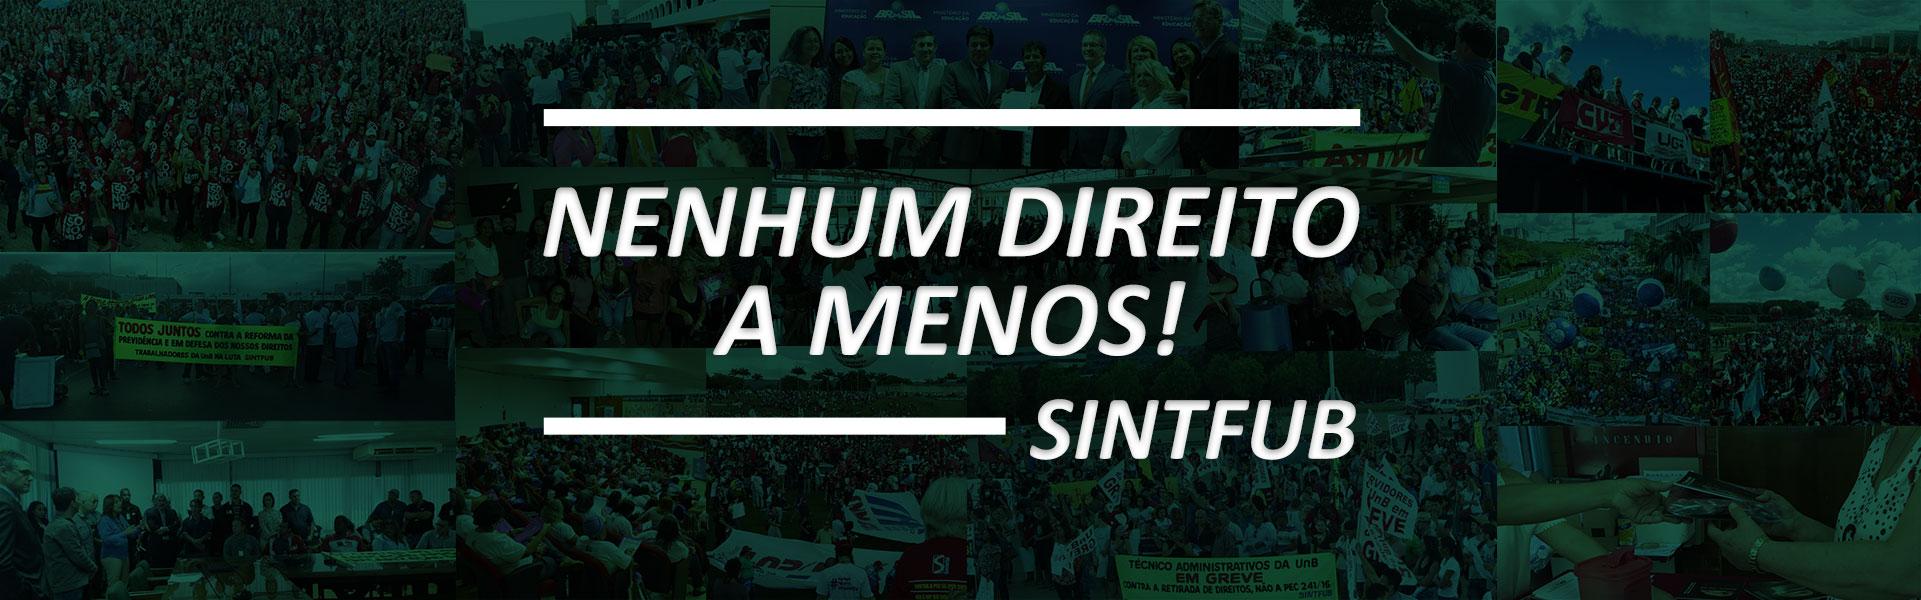 Institucional_Luta_SINTFUB